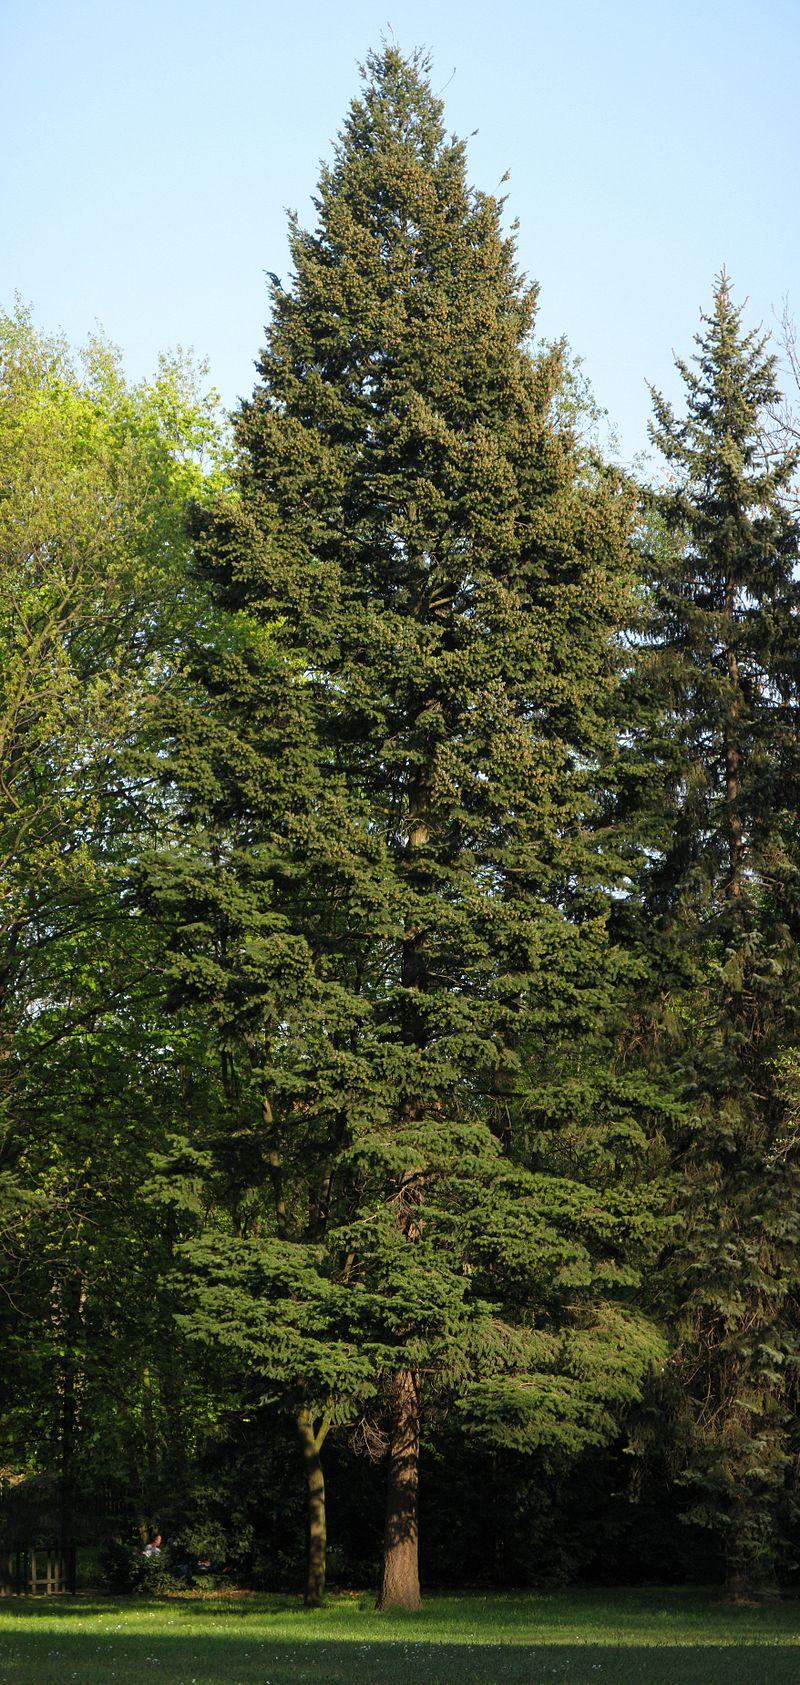 Так виглядає псевдотсуга Мензіса. Фото: Вікіпедія